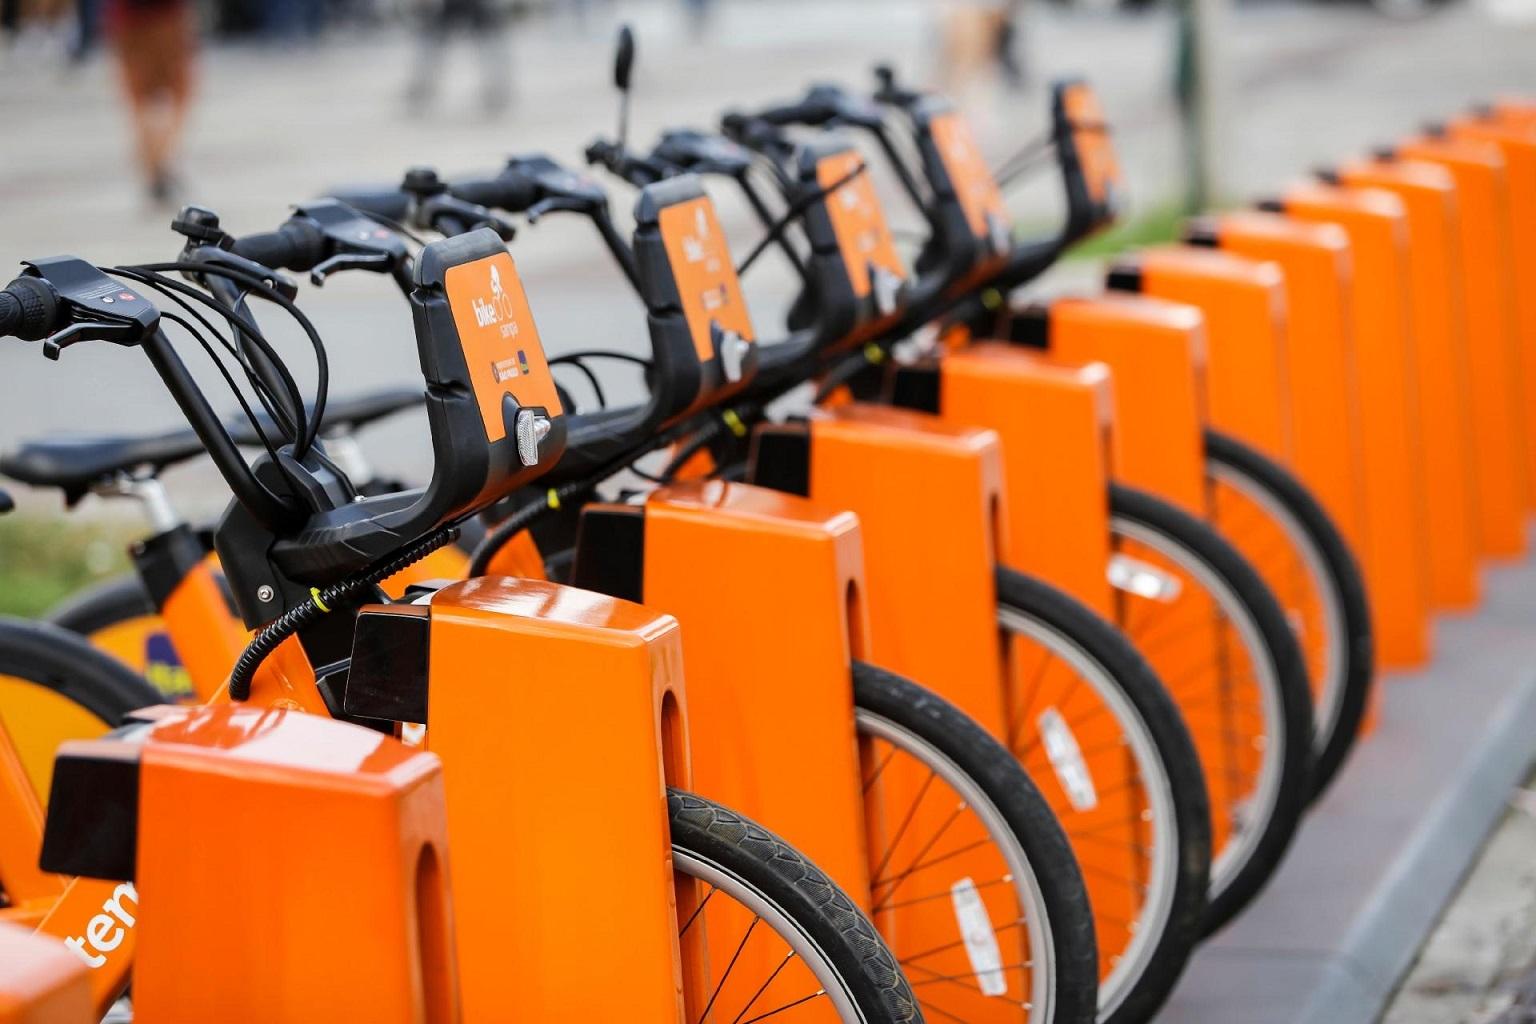 Os novos bicicletários ocupam o equivalente a três vagas de estacionamento., o que provocou protestos de moradores. Foto Divulgação